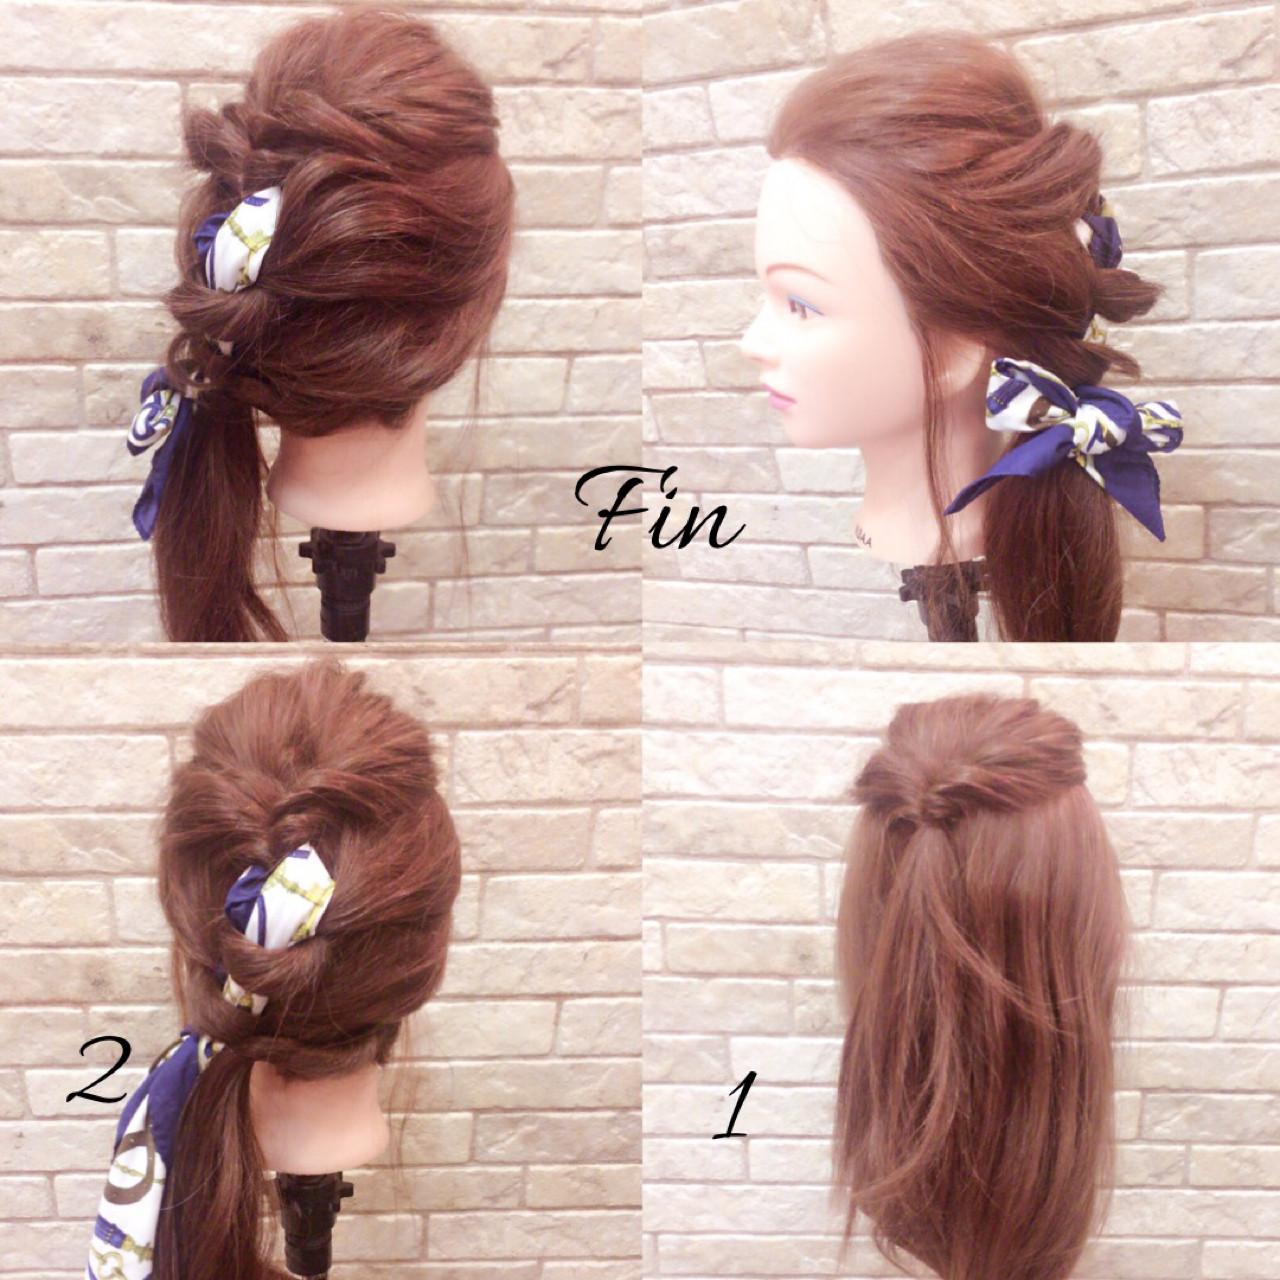 スカーフを一緒に編み込んでおしゃれしよう!  1.左寄りに黒目横からとった髪をくるりんぱ 2.1の髪にスカーフを巻きつけて、残りの髪を編み込む  それをくずしたら完成っ!! 春らしくスカーフでひとアレンジしましょう♡